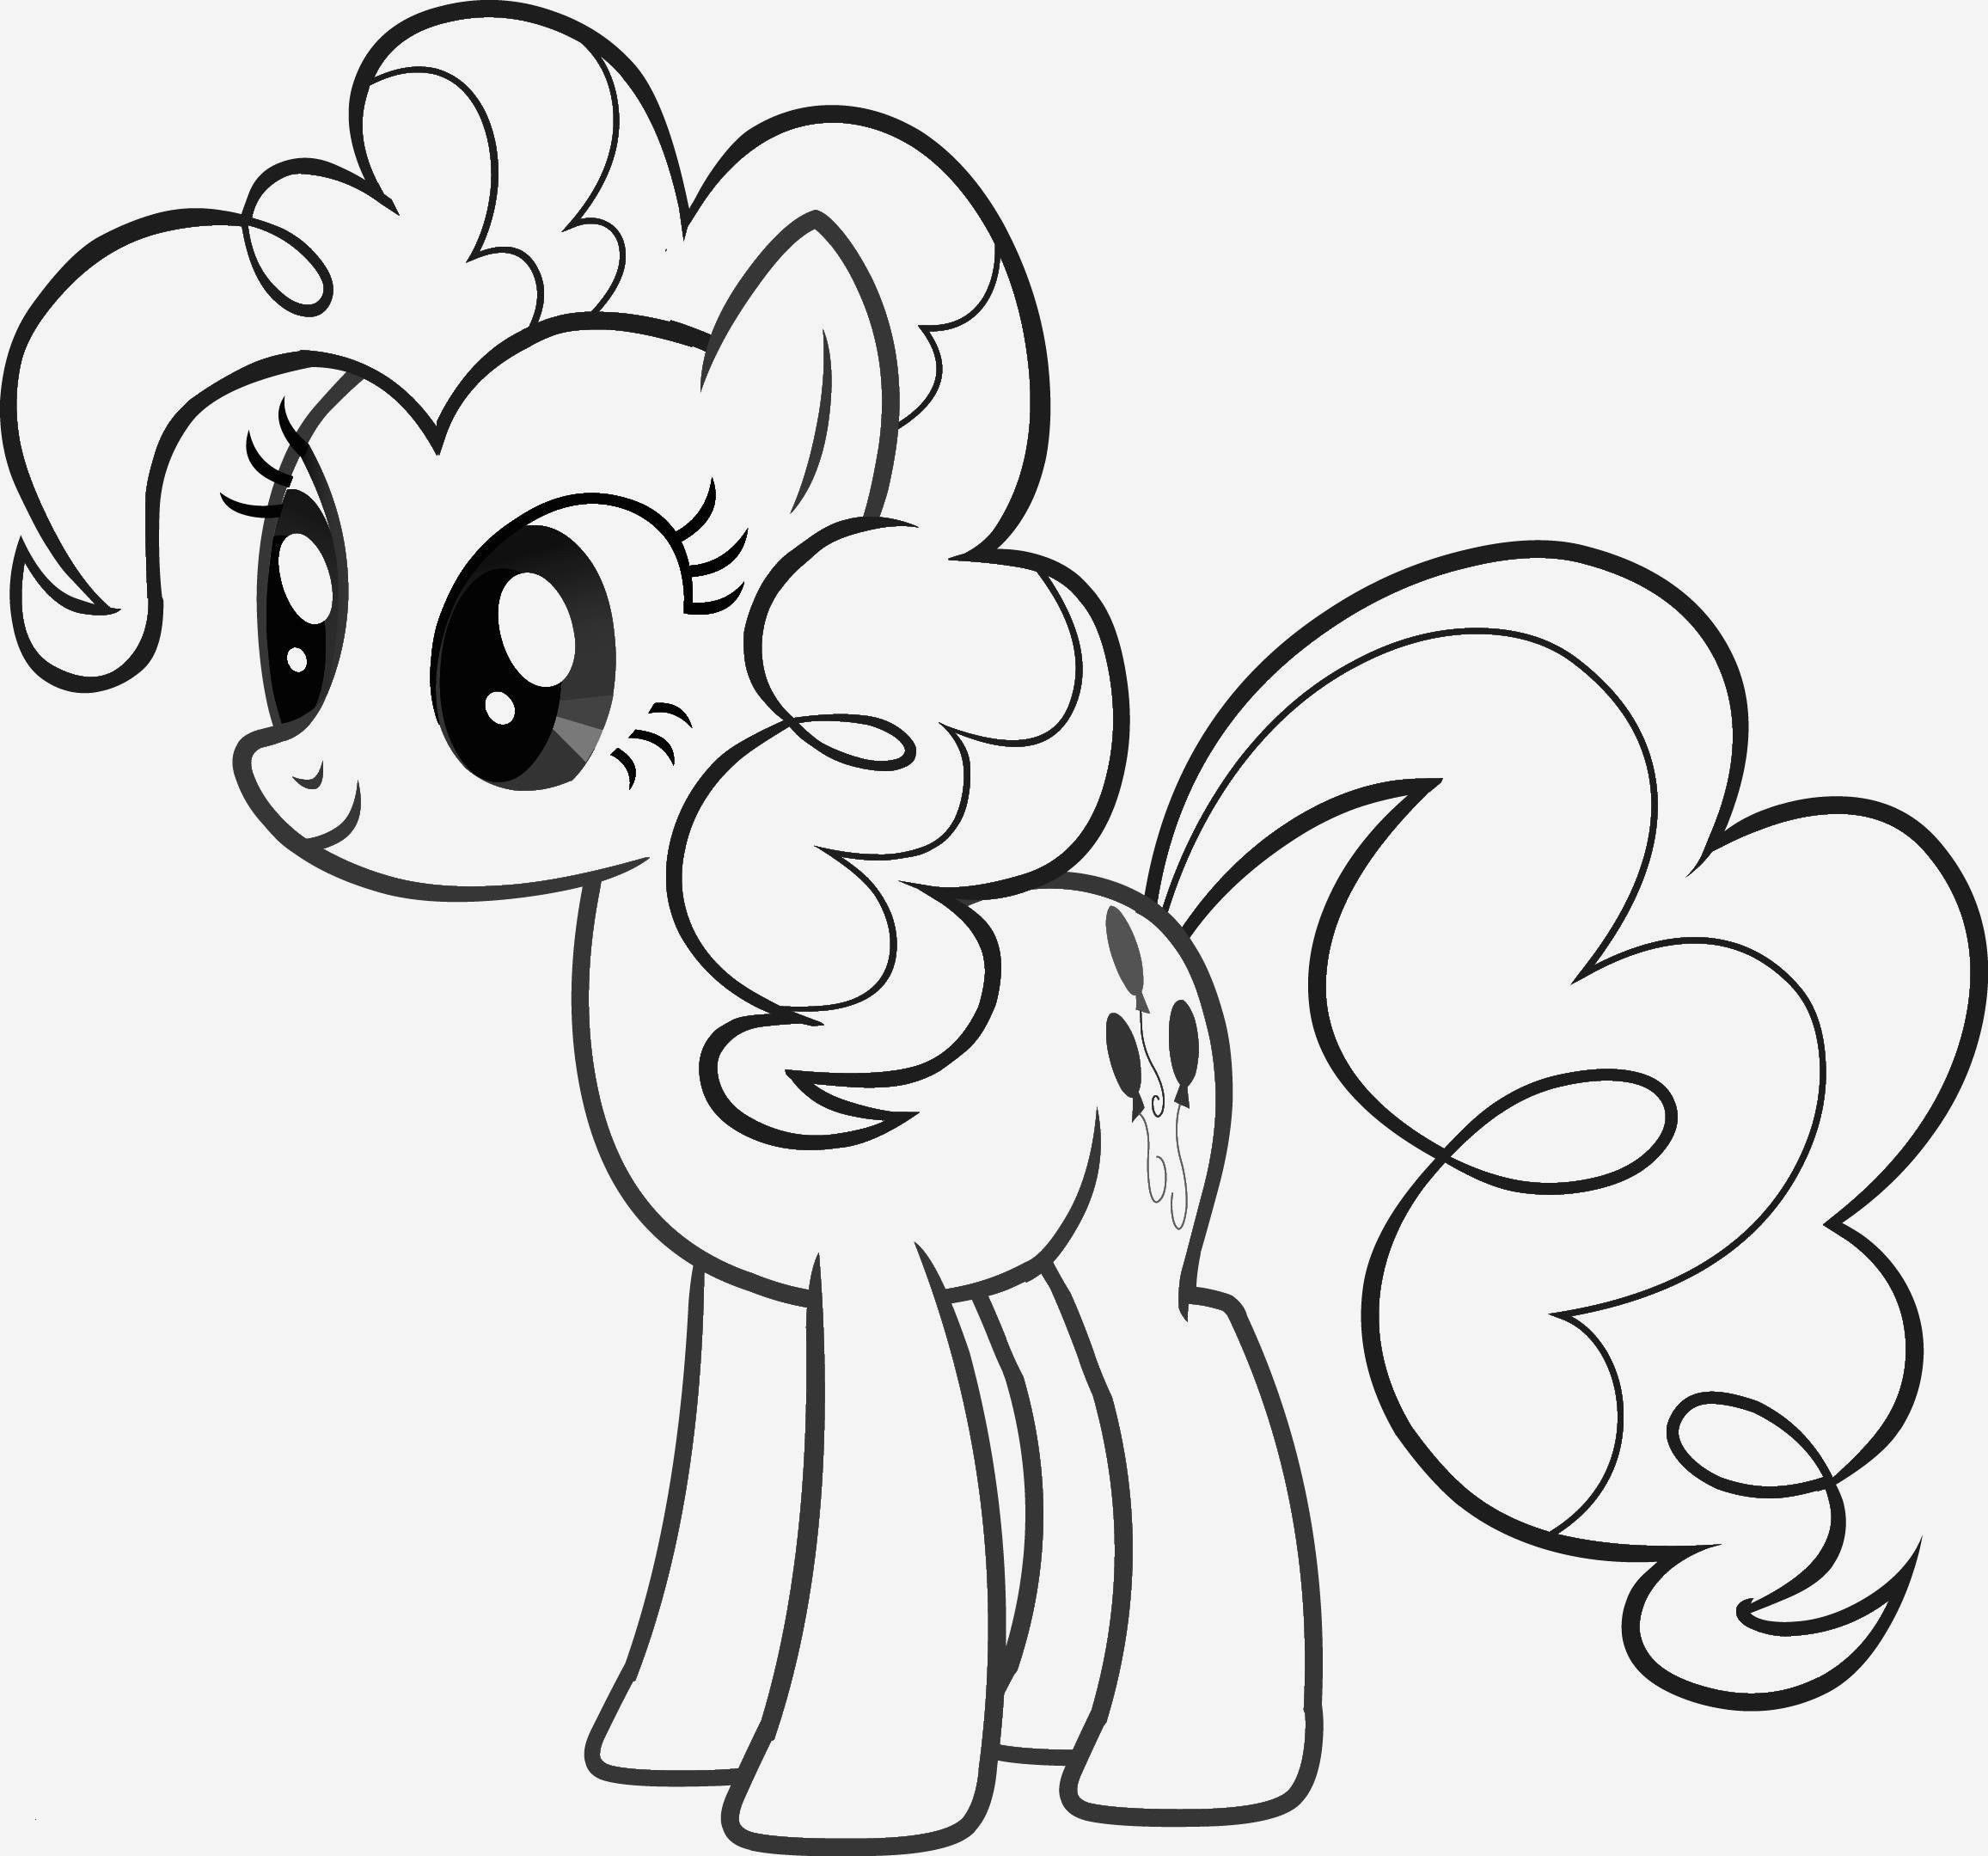 My Little Pony Pinkie Pie Ausmalbilder Das Beste Von 48 Elegant My Little Pony Pinkie Pie Ausmalbilder Malvorlagen Bilder